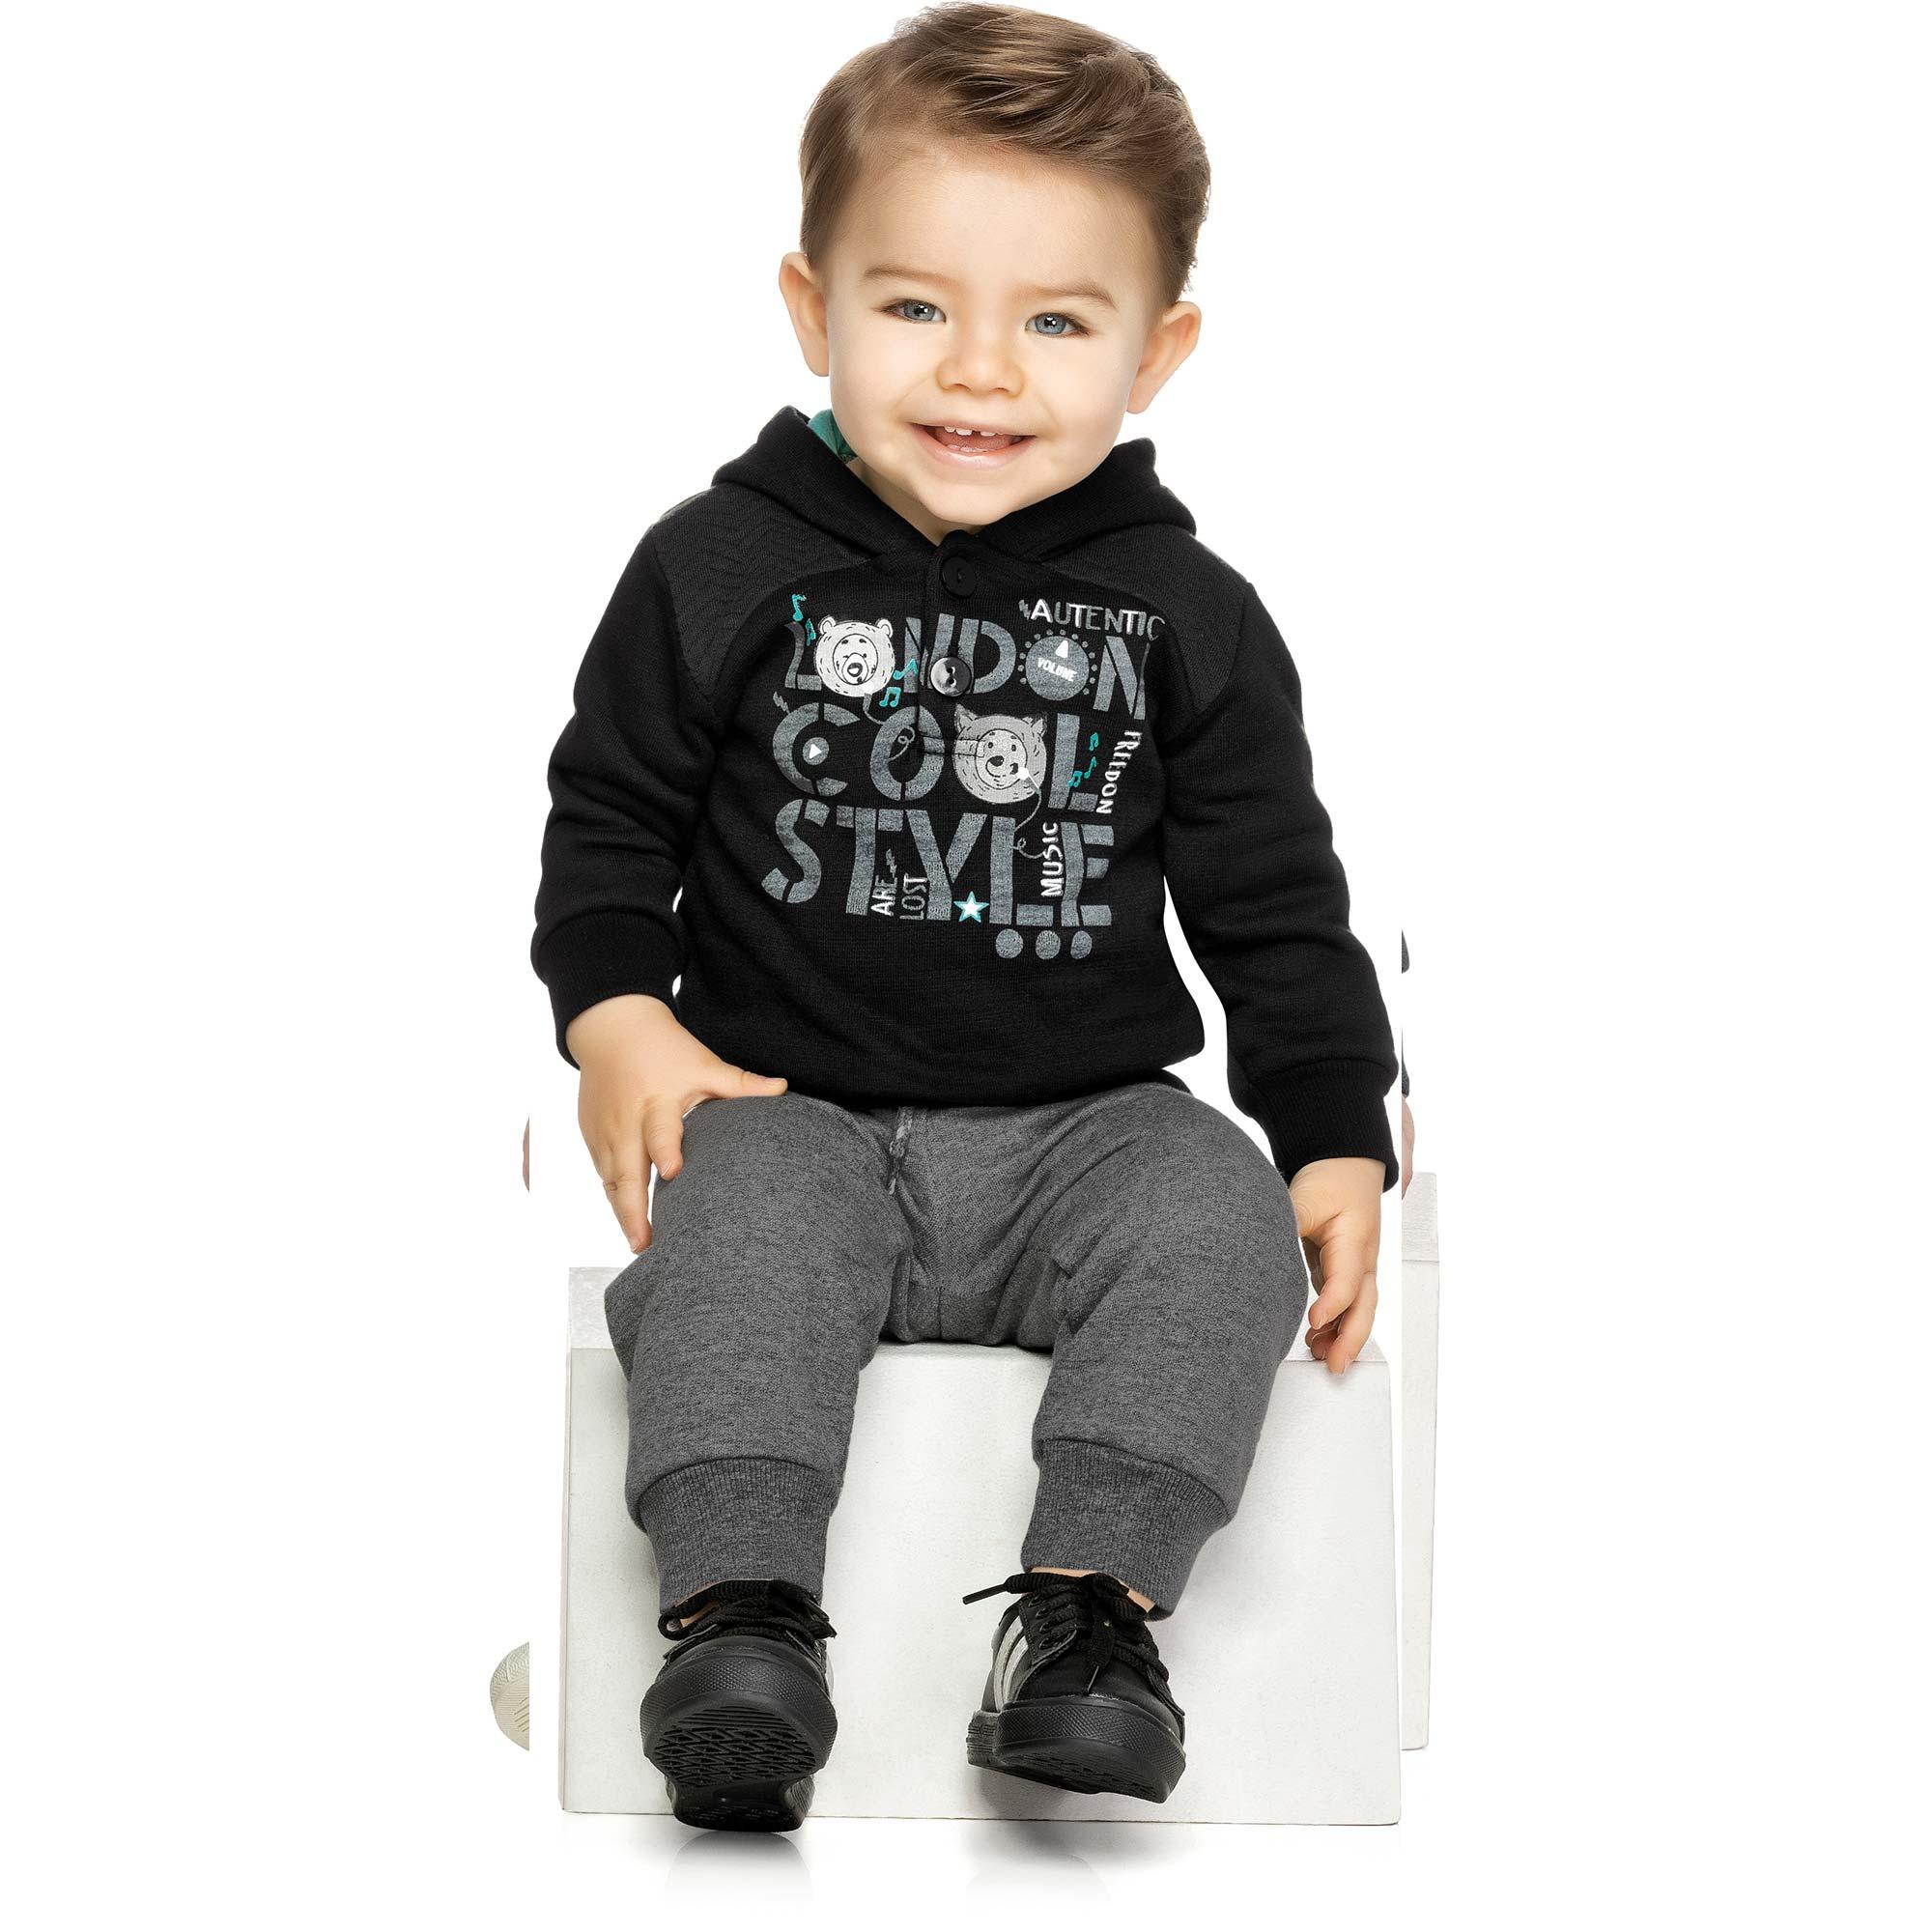 Conjunto Infantil Elian com Jaqueta e Calça em Moletom - Ref 20757 - Preto